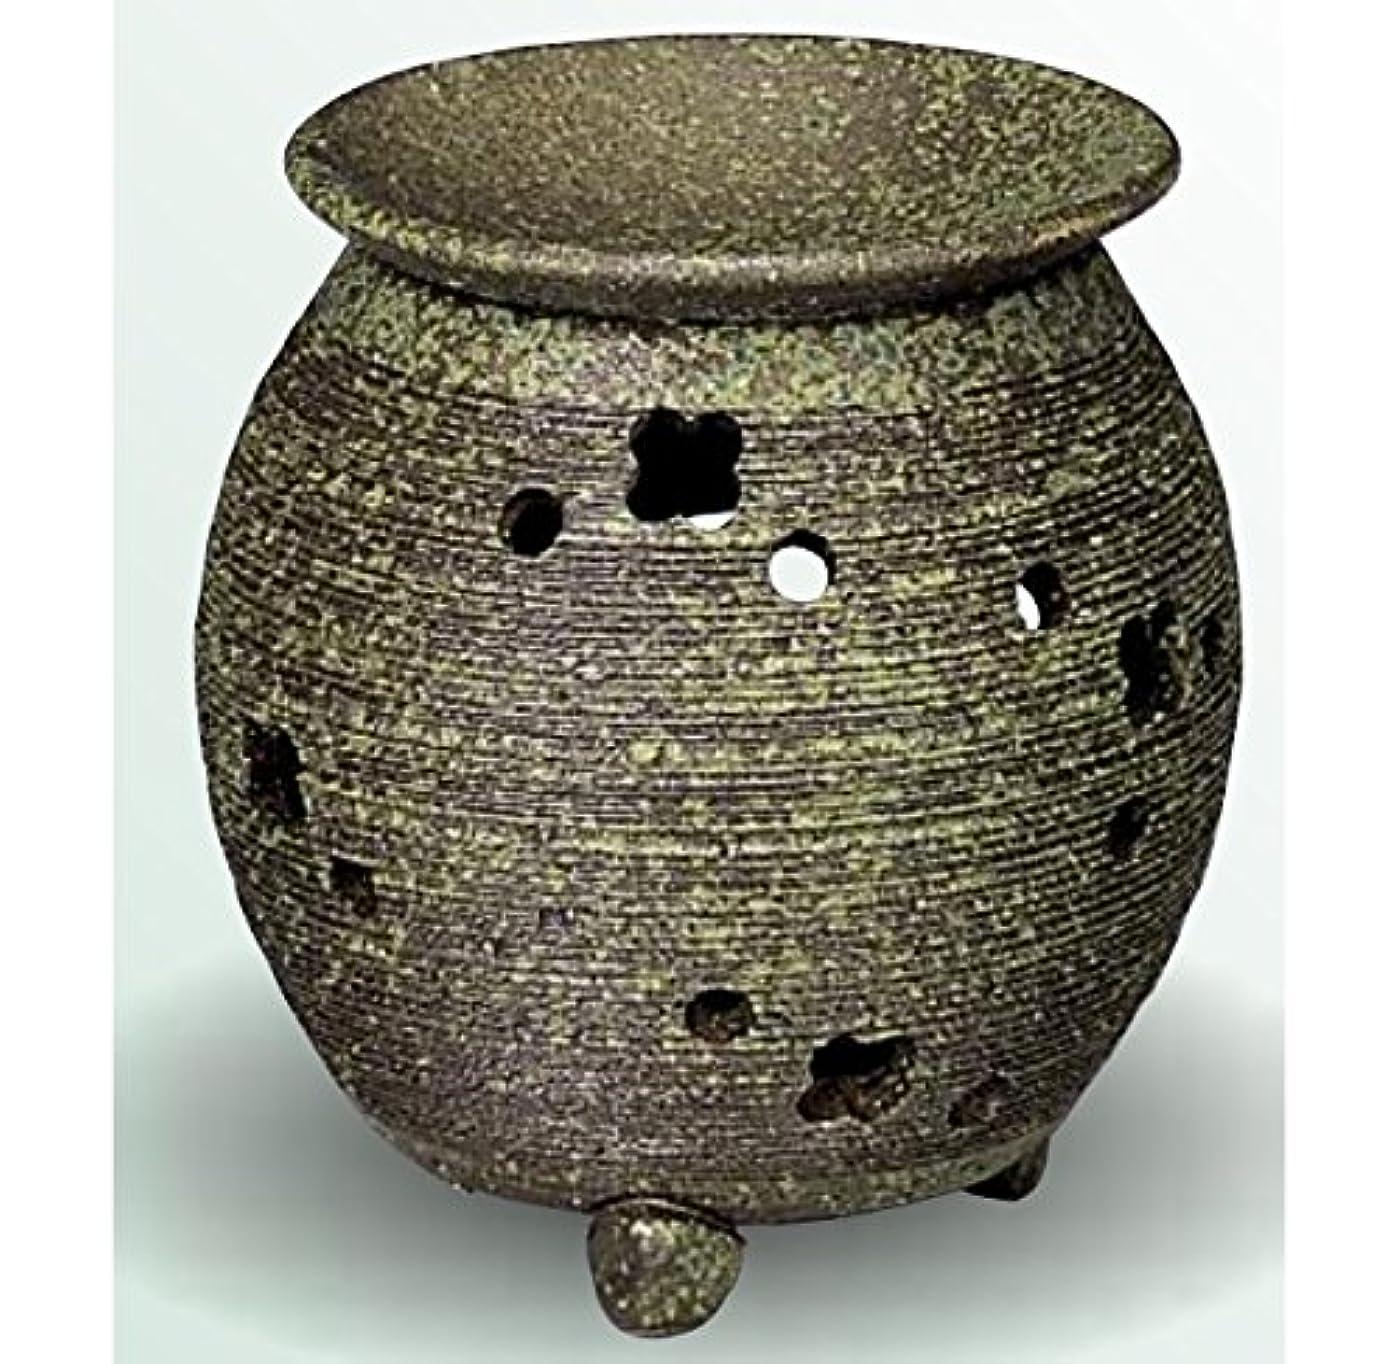 団結汚物怖がって死ぬ常滑焼 茶香炉(アロマポット) 径10×高さ11.5cm